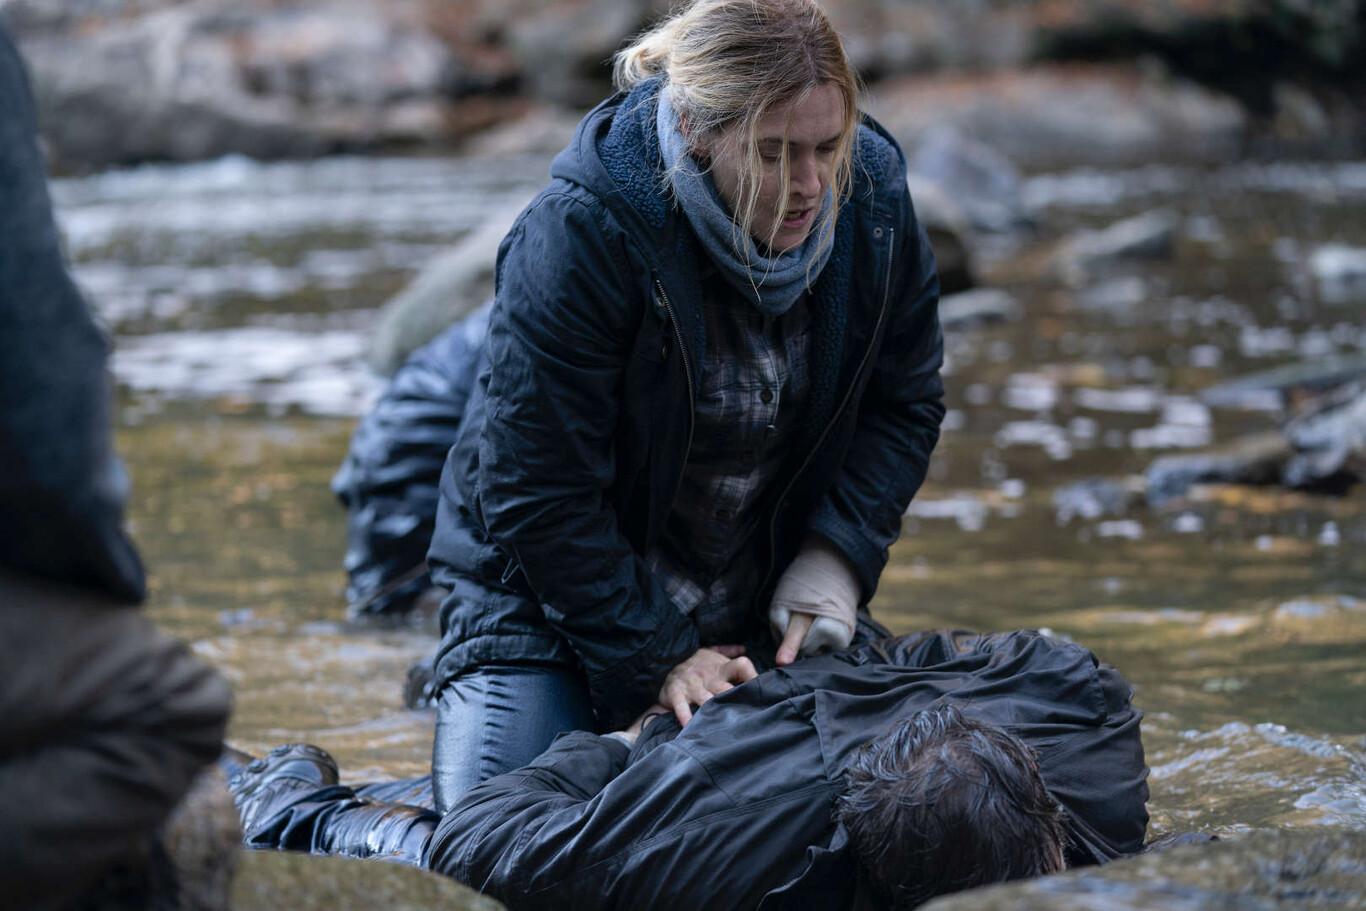 Mare of Easttown (2021) Crítica: Kate Winslet triunfa en un potente drama  criminal de HBO que domina el suspense